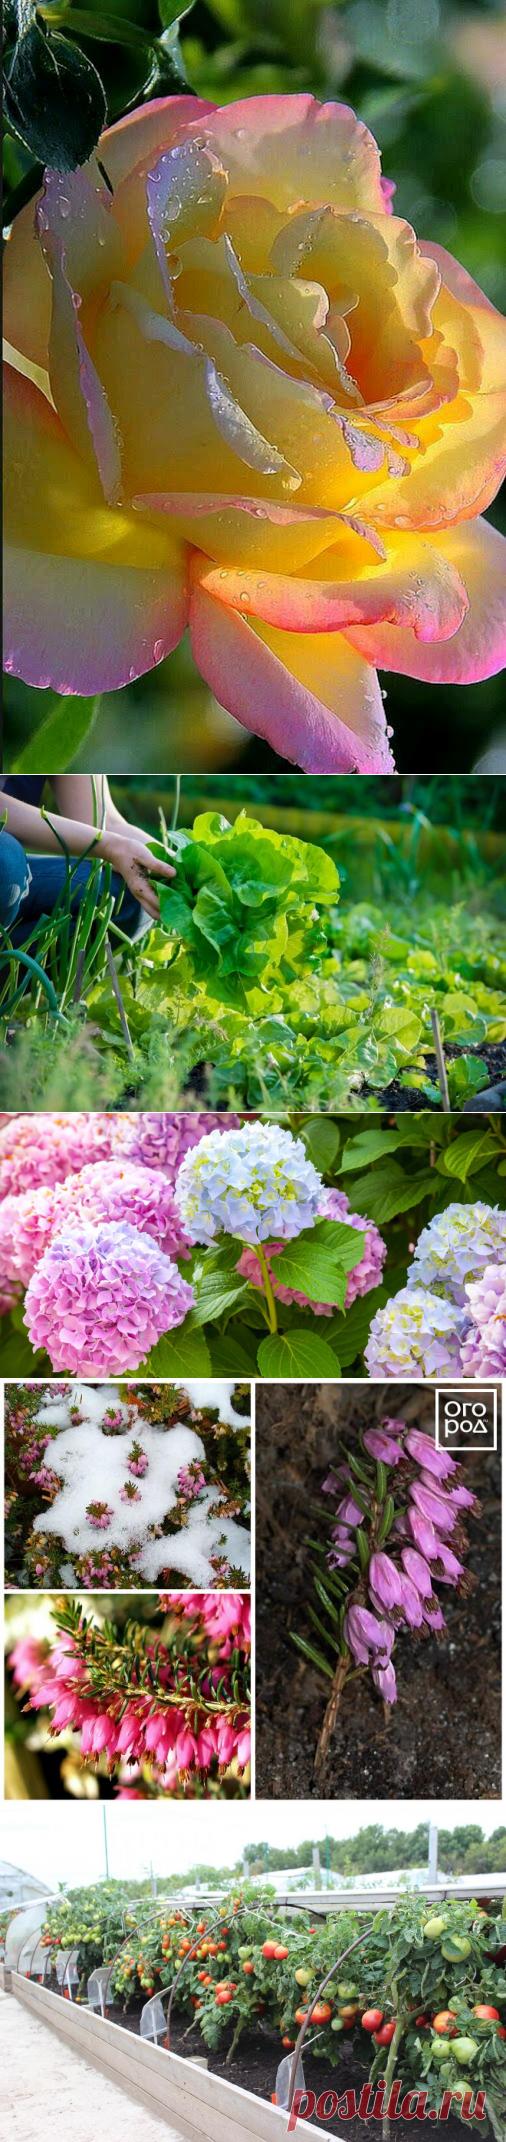 Сад и огород | Фотографии и советы опытных дачников на Постиле